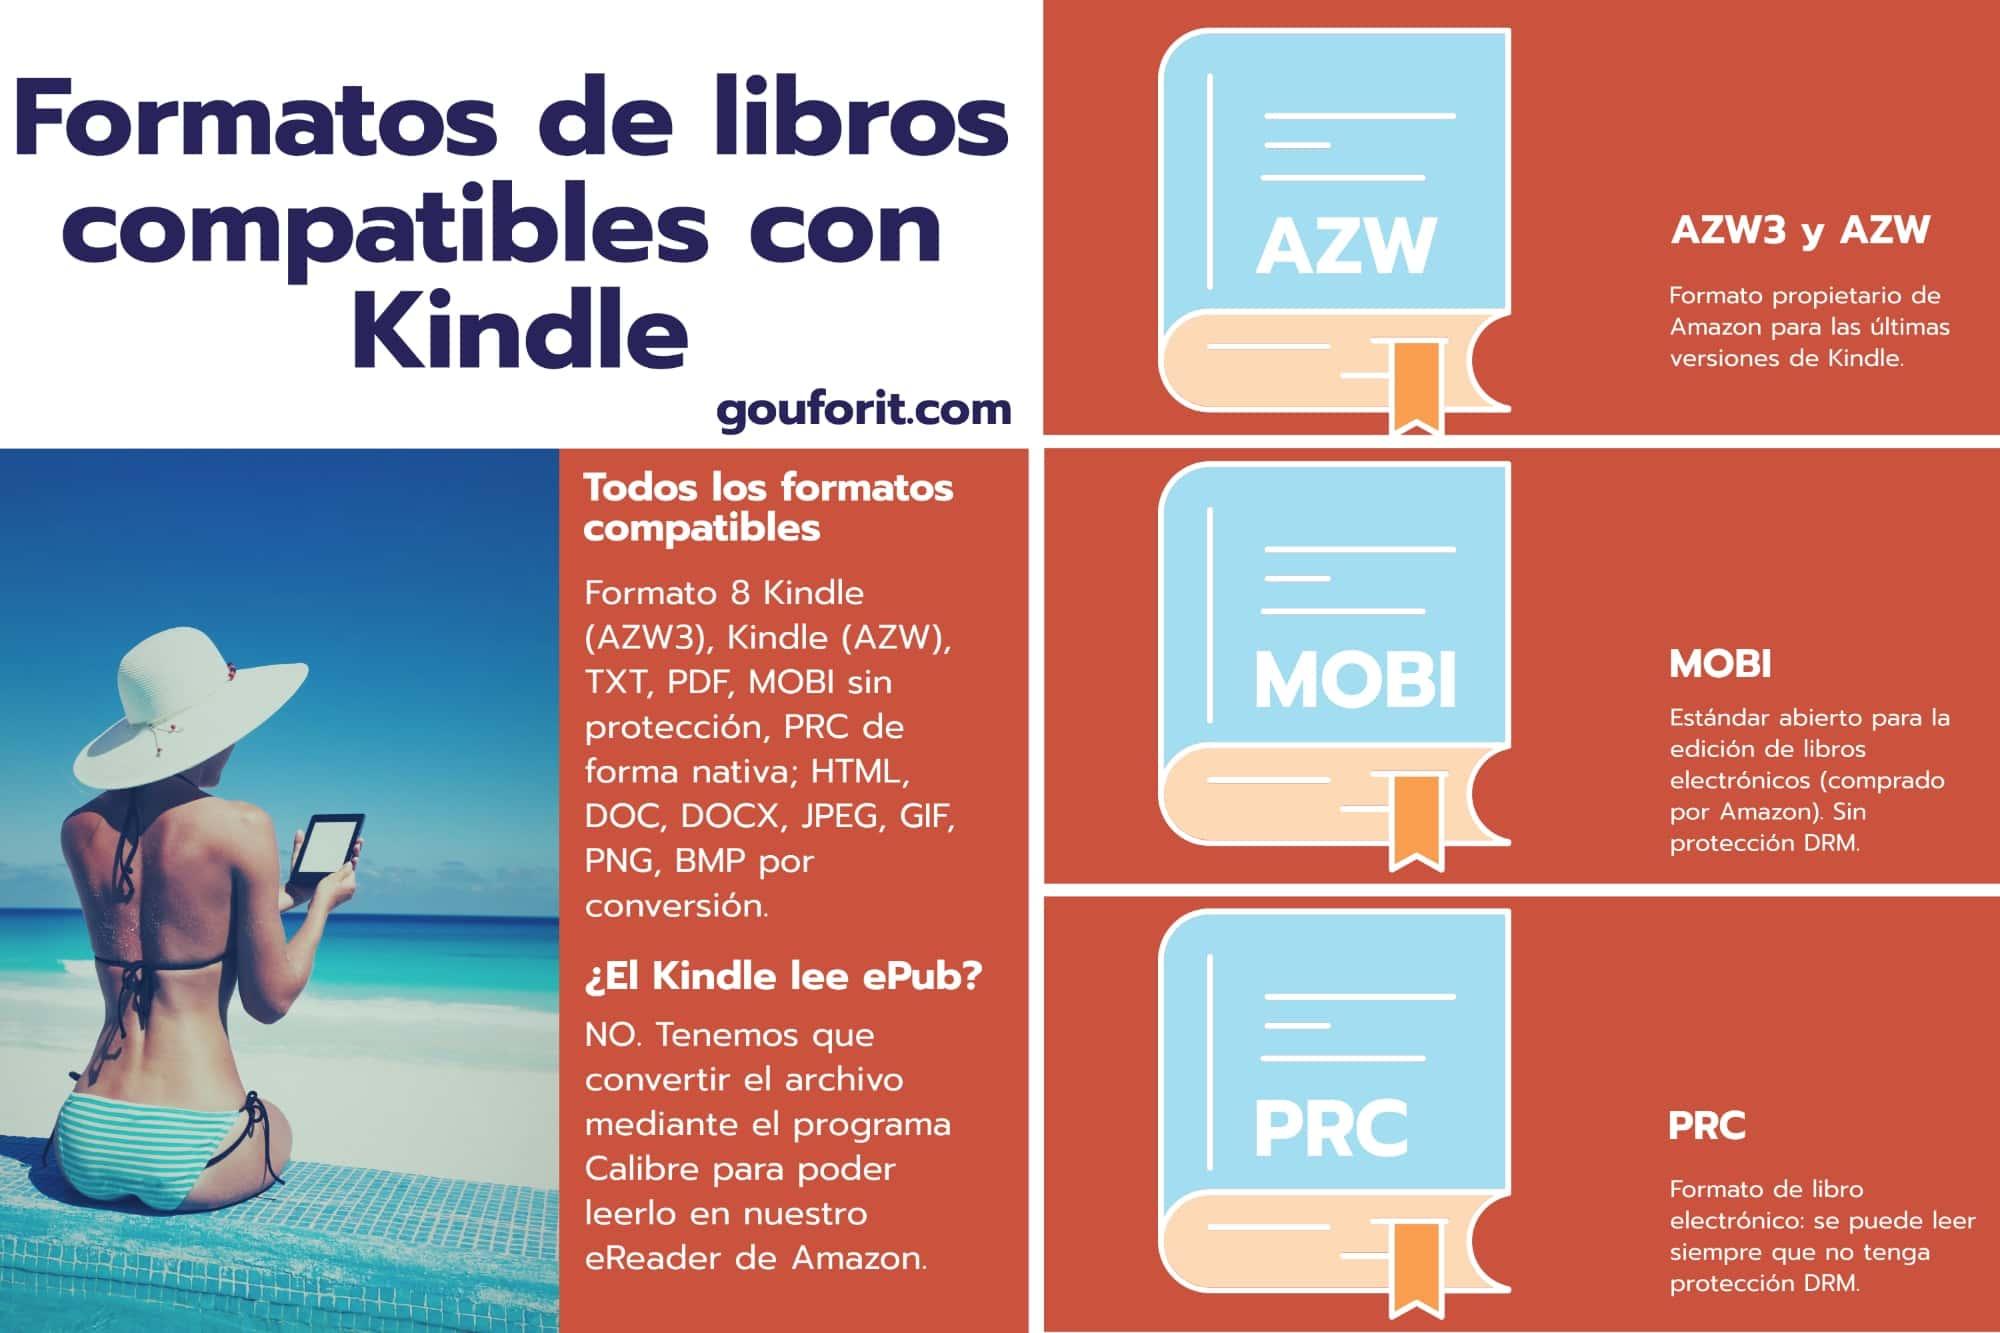 ¿Qué formatos de libro lee el Kindle? ¿Podemos leer ebooks en formato EPUB o PDF? ¿Se pueden convertir?